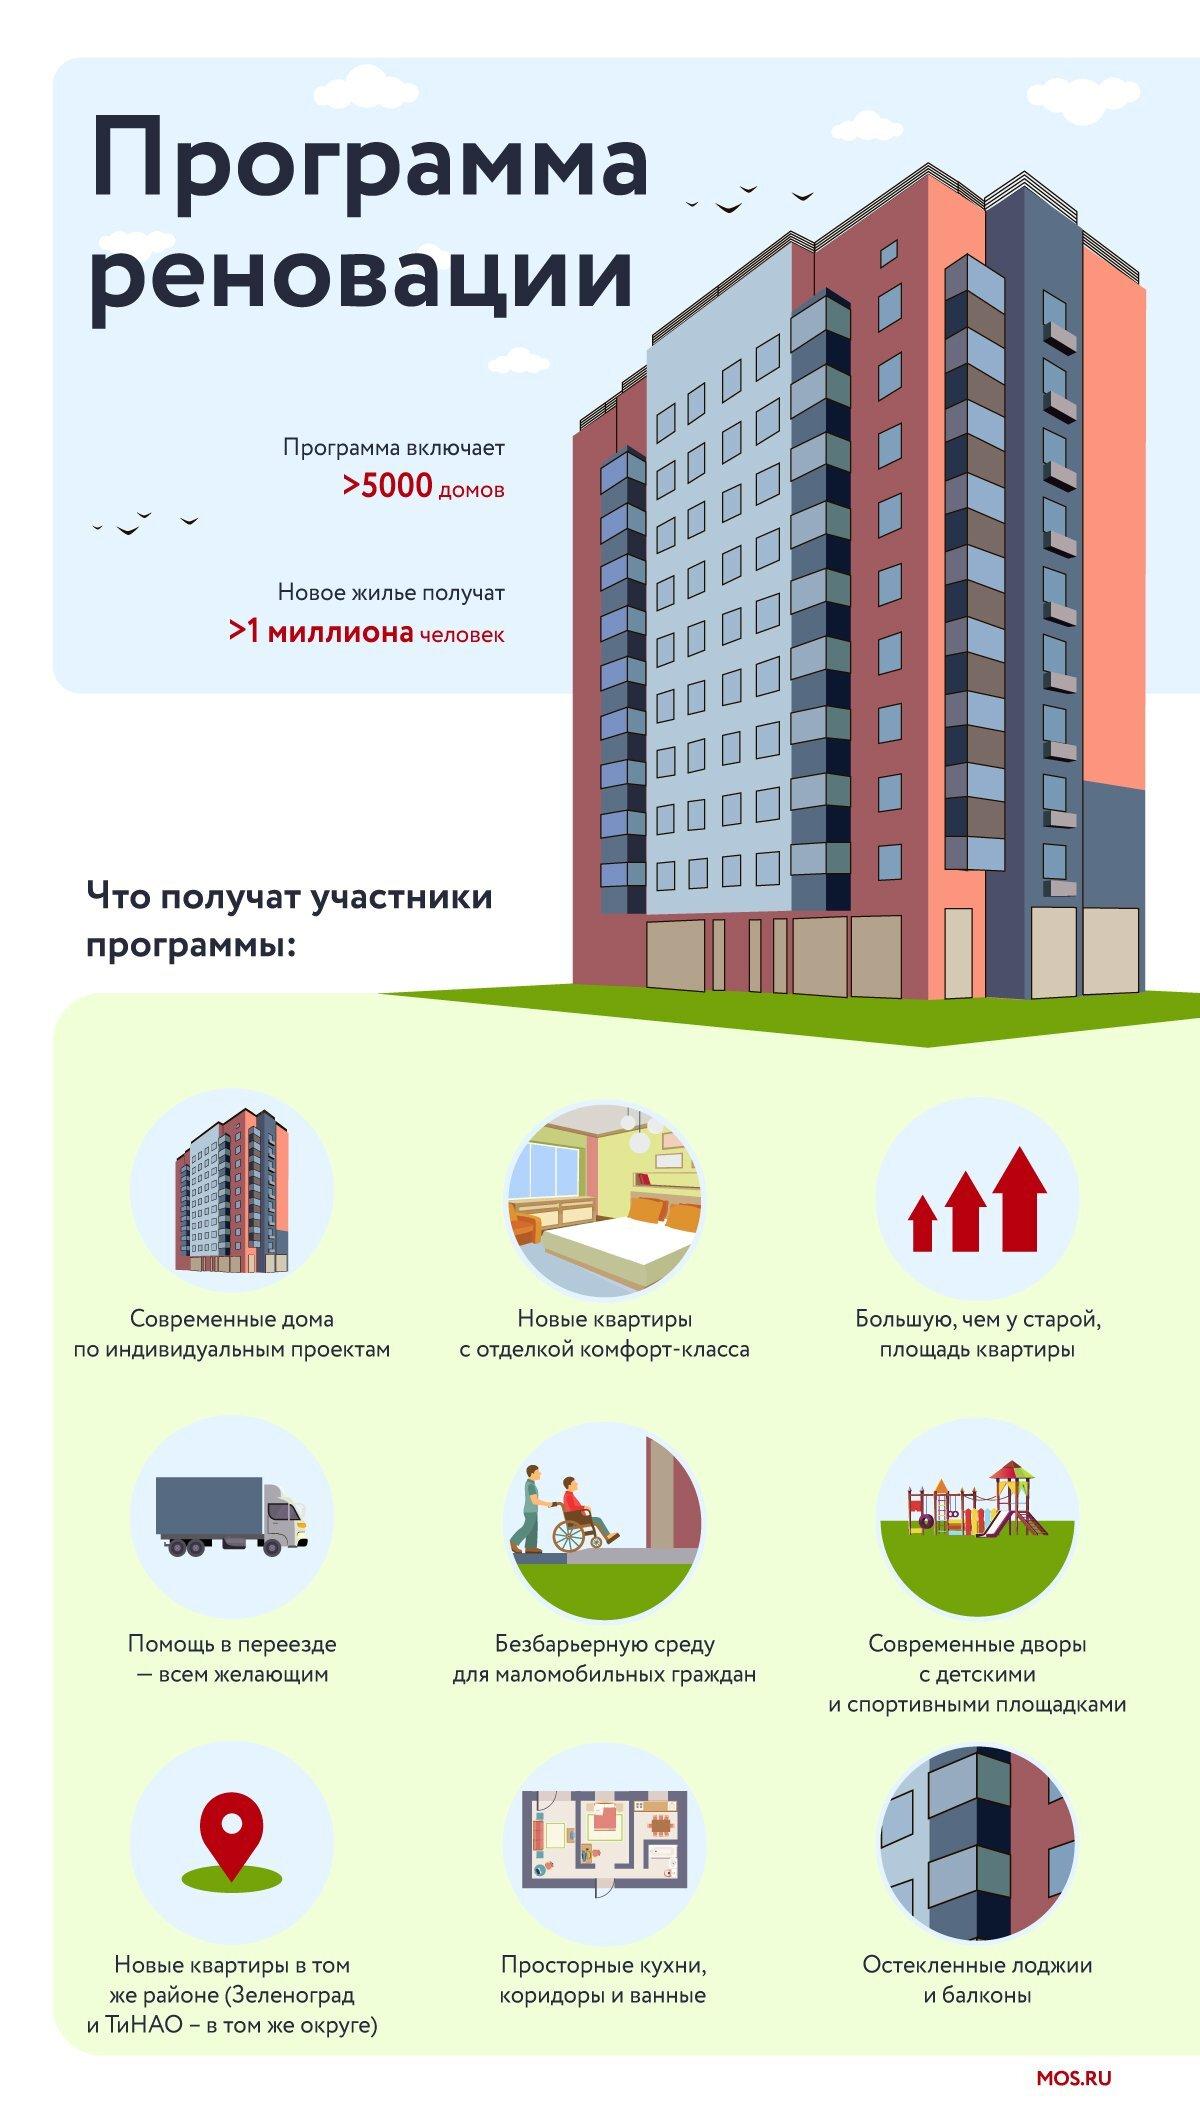 Первые 100 домов расселили в Москве по программе реновации